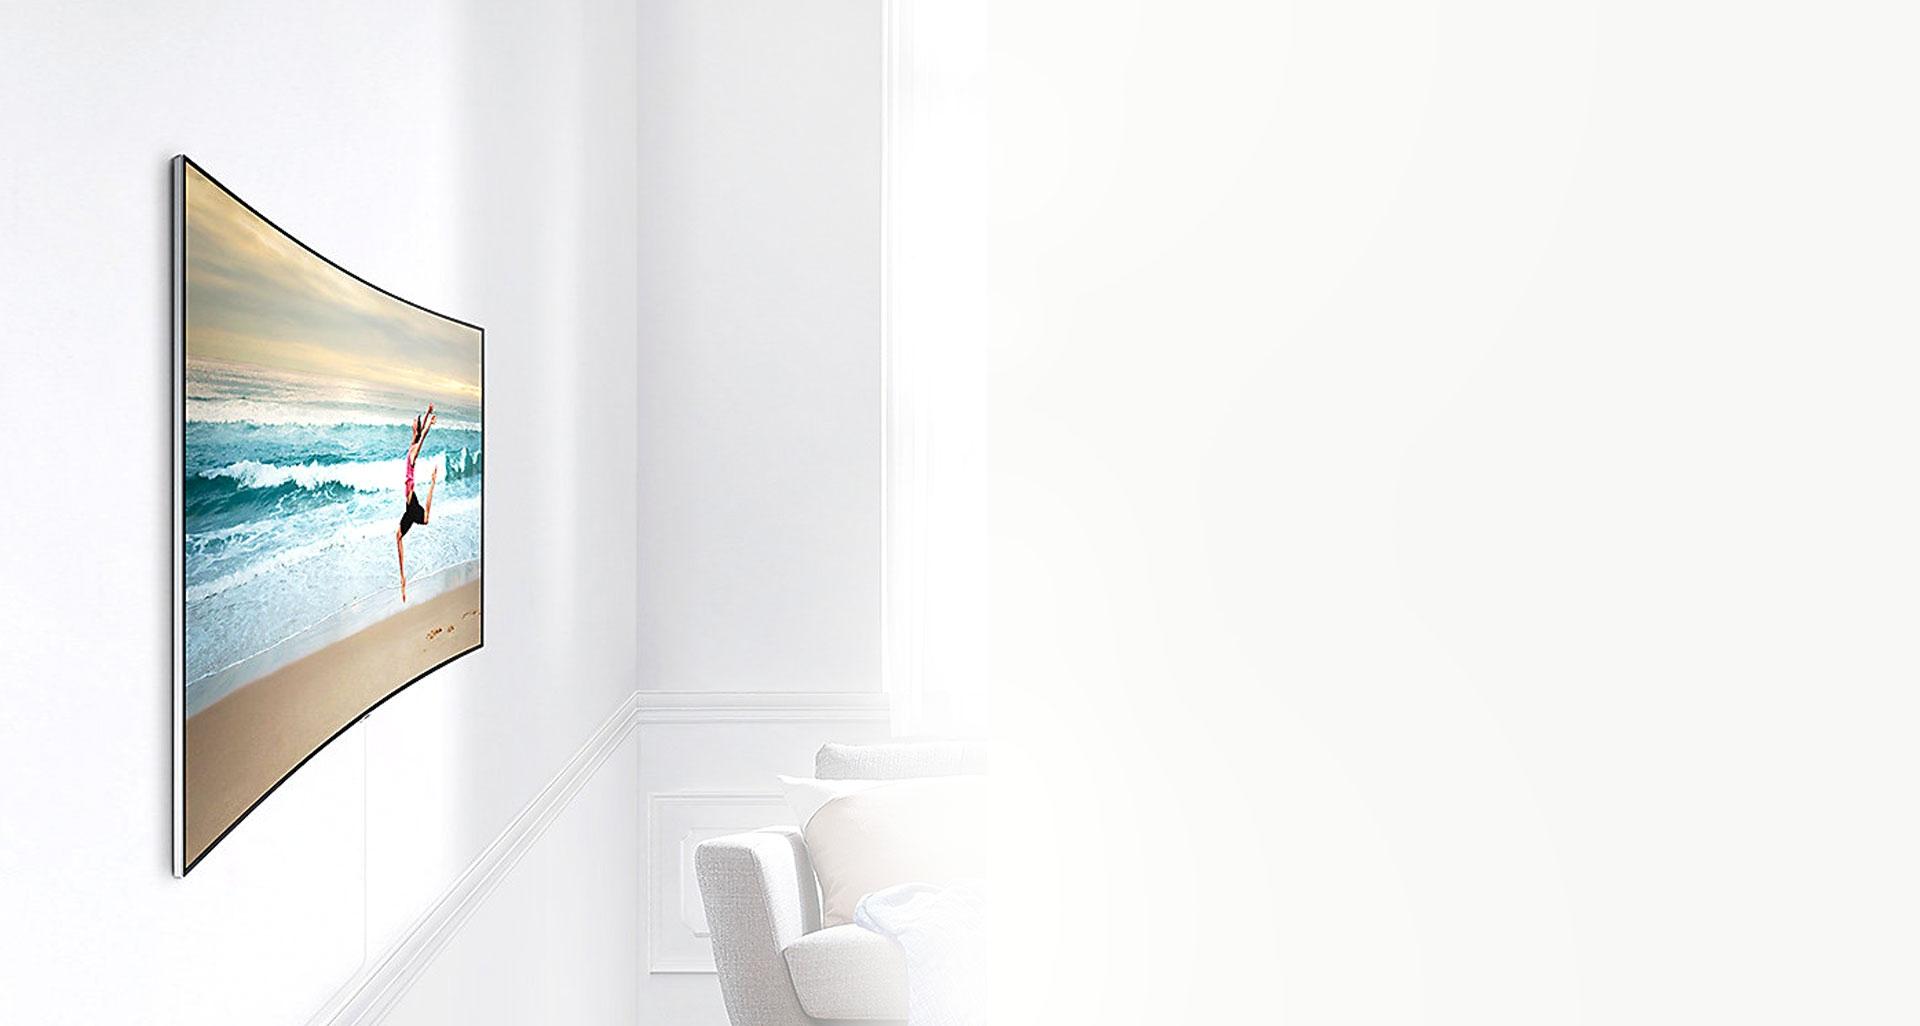 پایه دیواری کاملا مسطح تلویزیون QLED سری 7